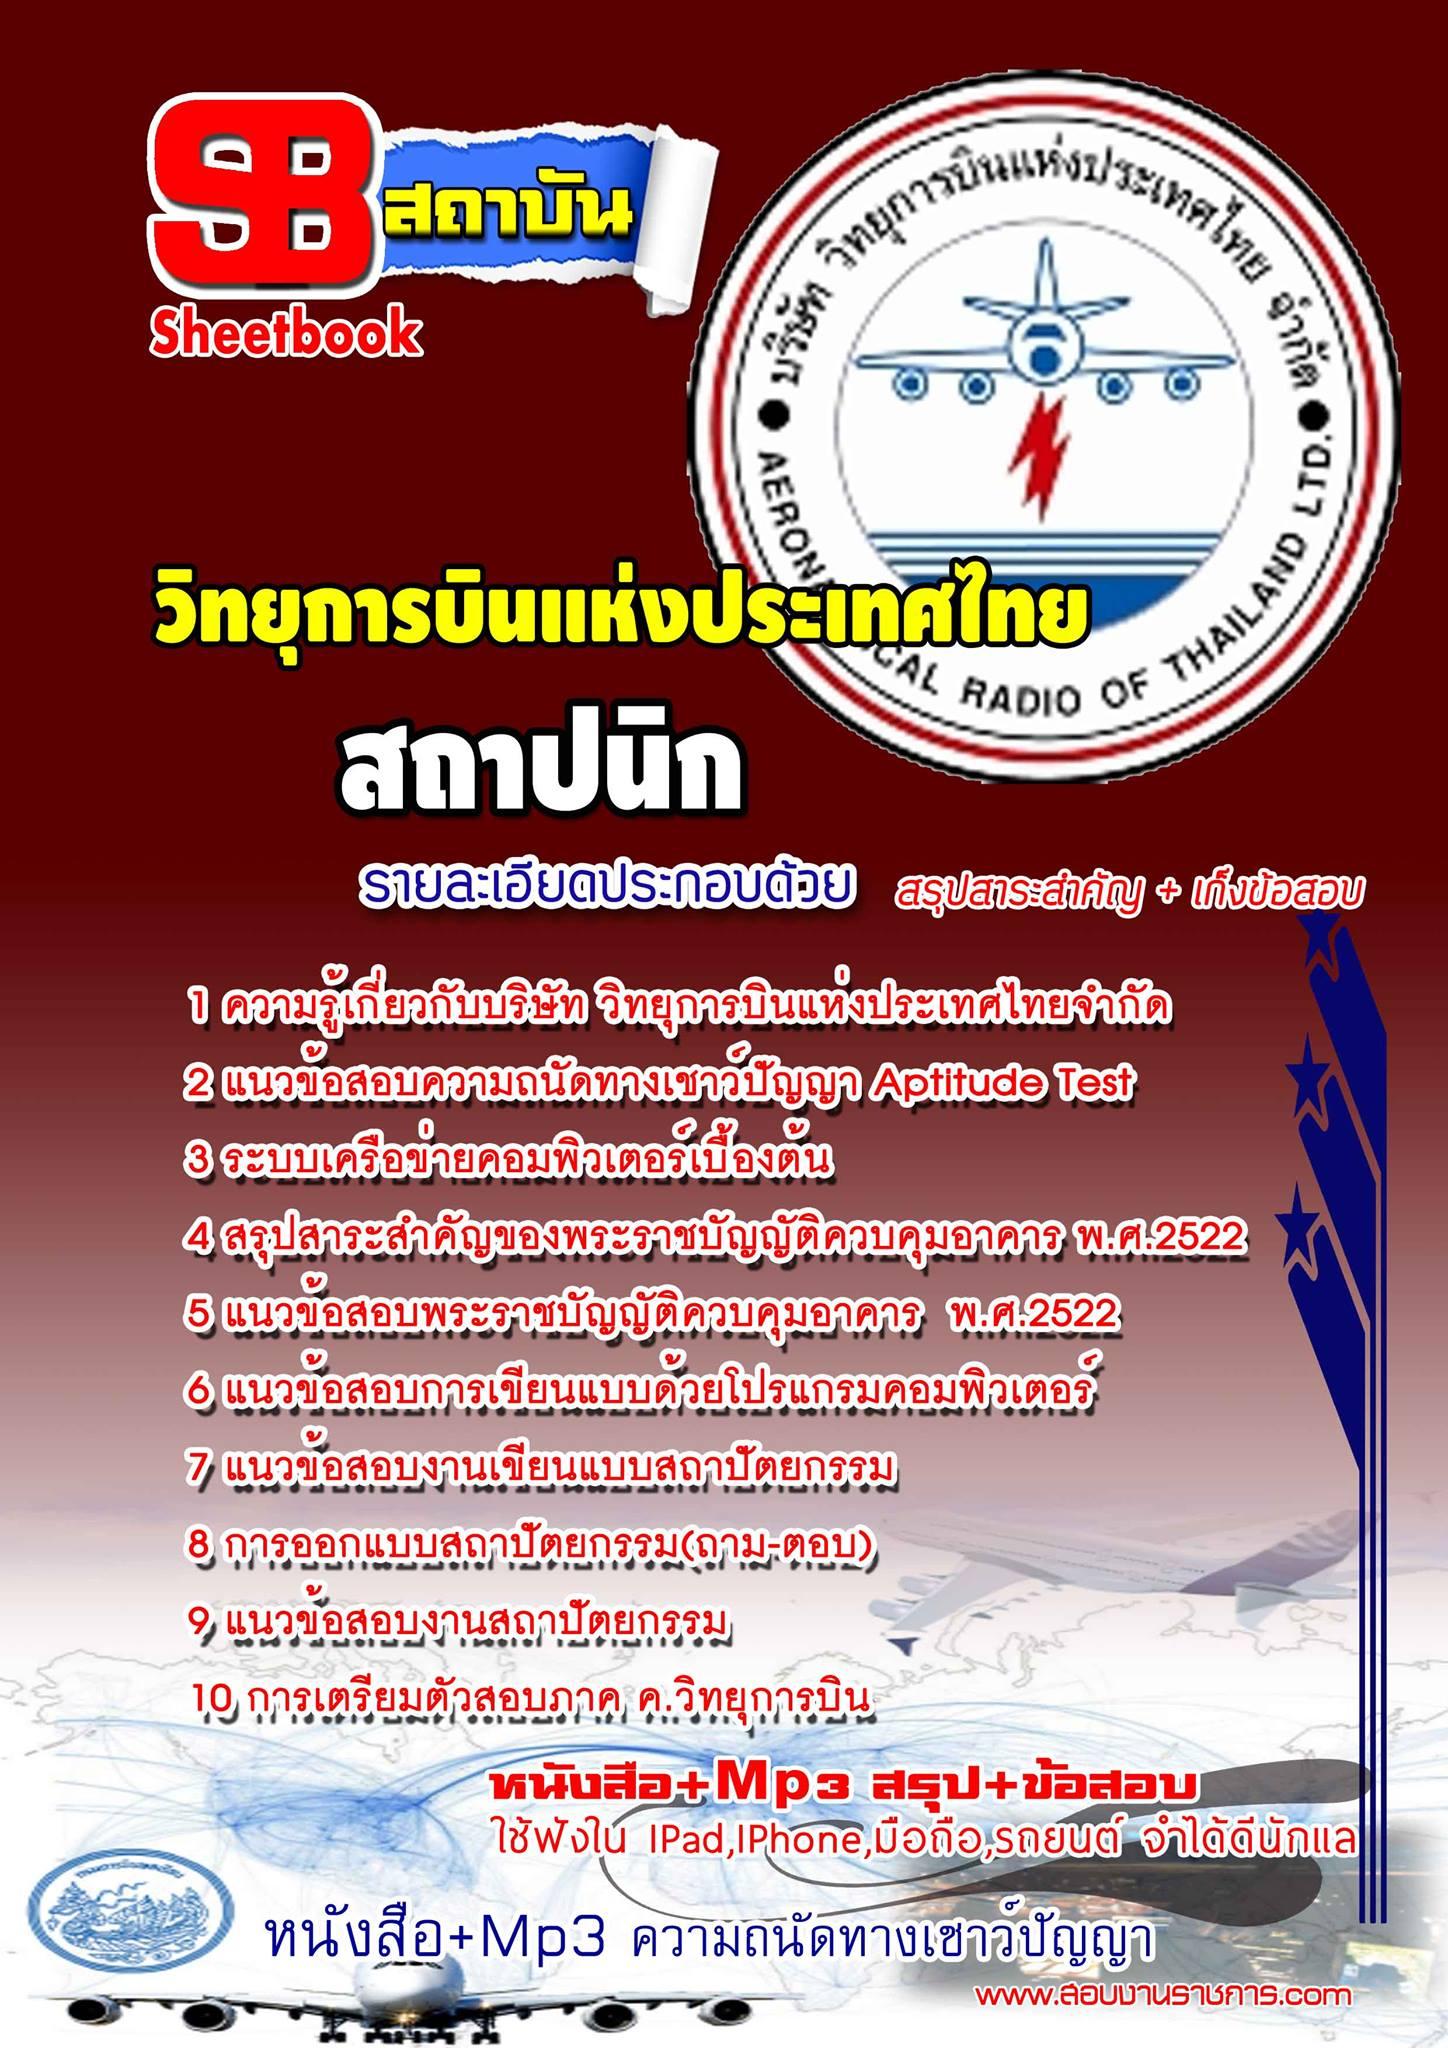 แนวข้อสอบ สถาปนิก วิทยุการบินแห่งประเทศไทยจำกัด